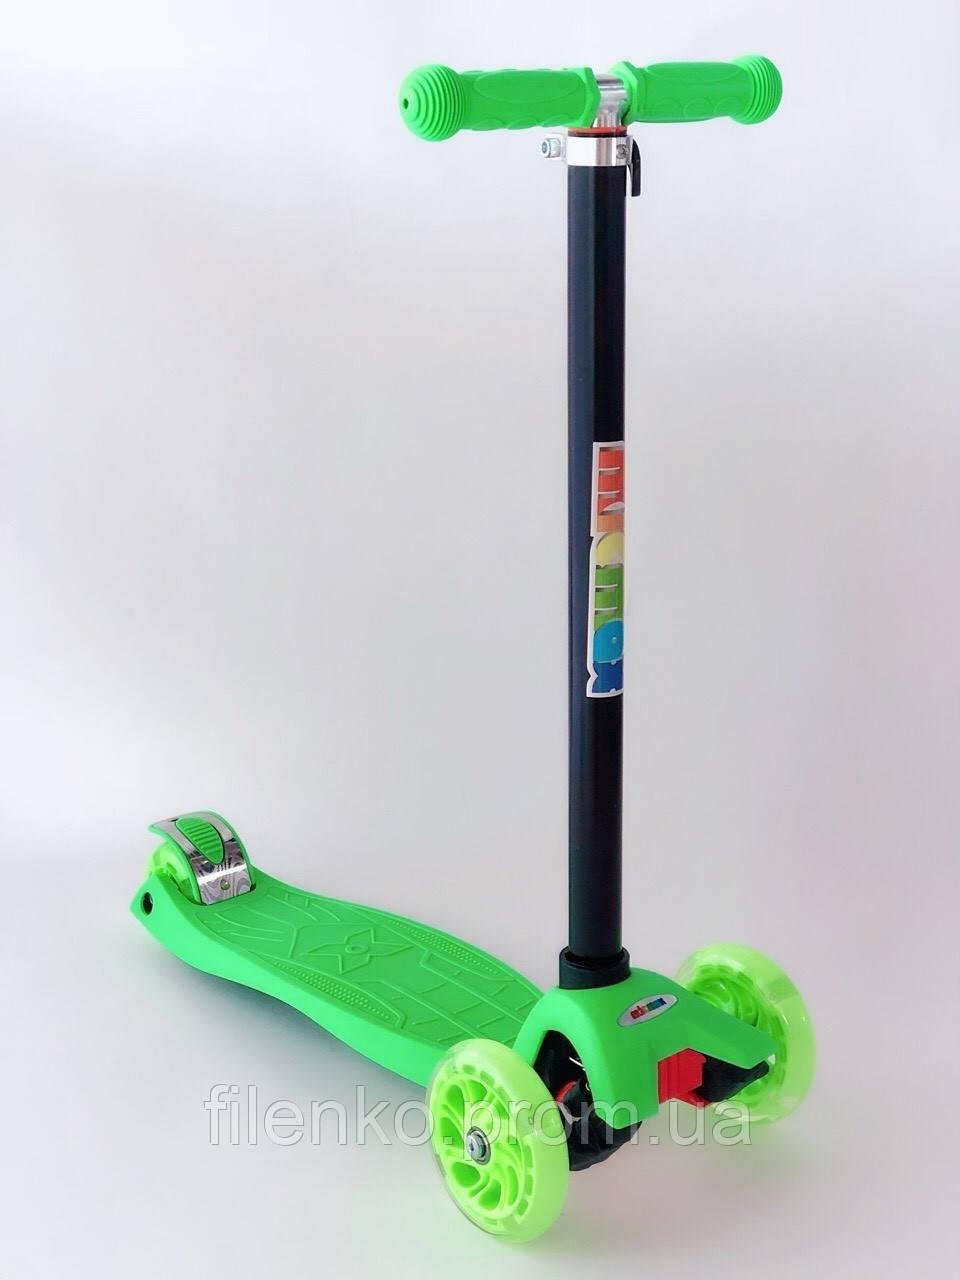 Самокат дитячий Scooter Pro з підсвічуванням коліс 036 Зелений